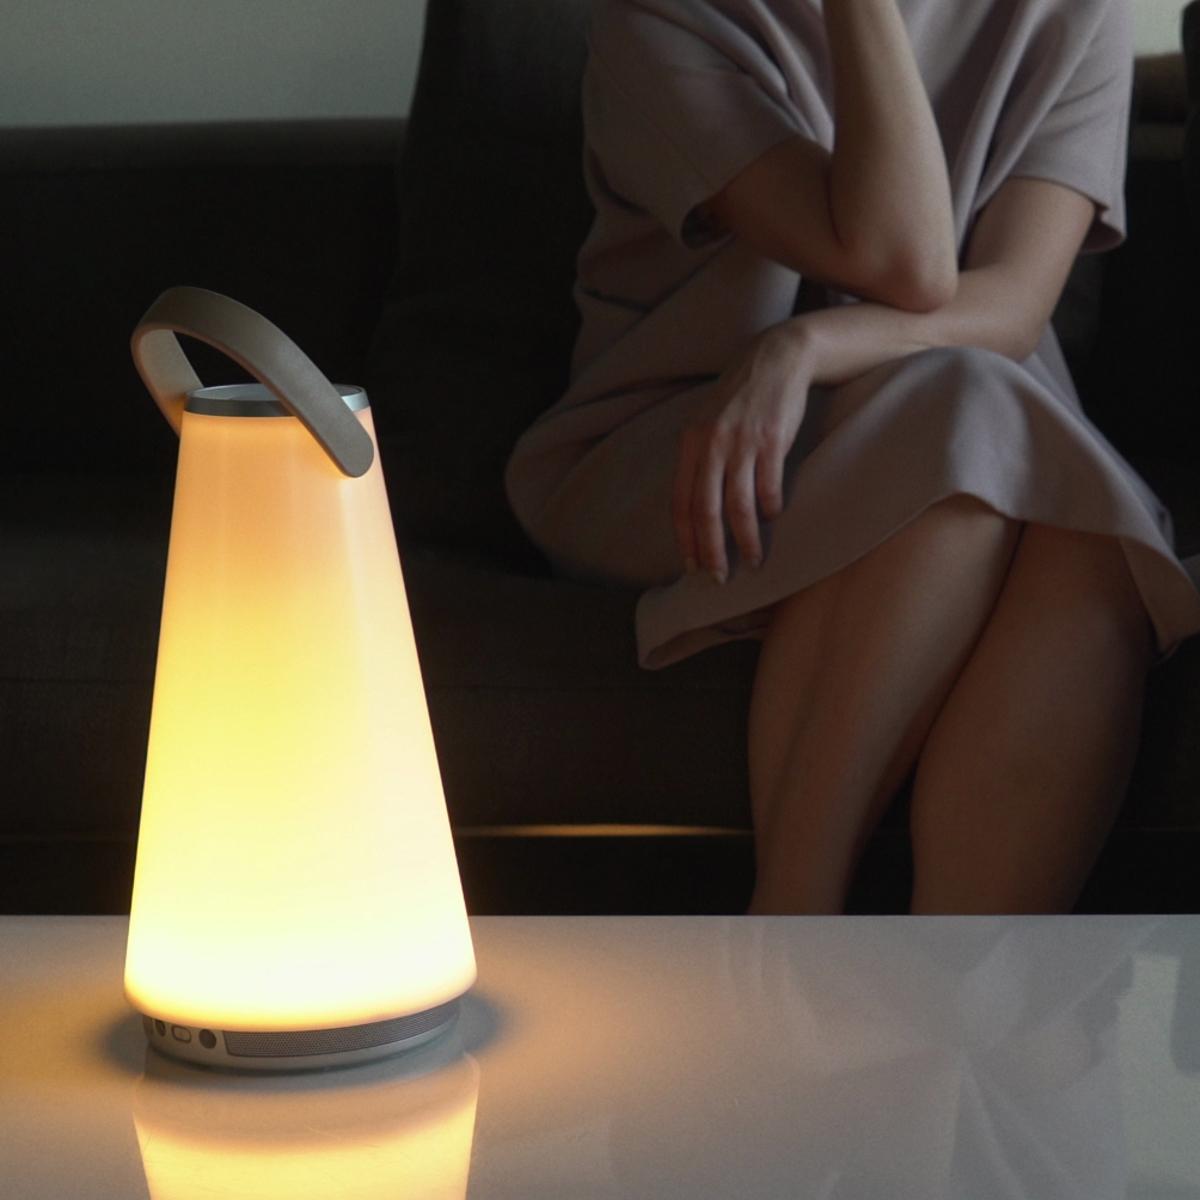 親しい人と寄り添いたくなる「Hi-Fiスピーカー」|360度に広がる、忠実な「音」と優しい「光」。持ち運べるので、いつでもどこでも空間を温かく演出するワイヤレススピーカー | UMA